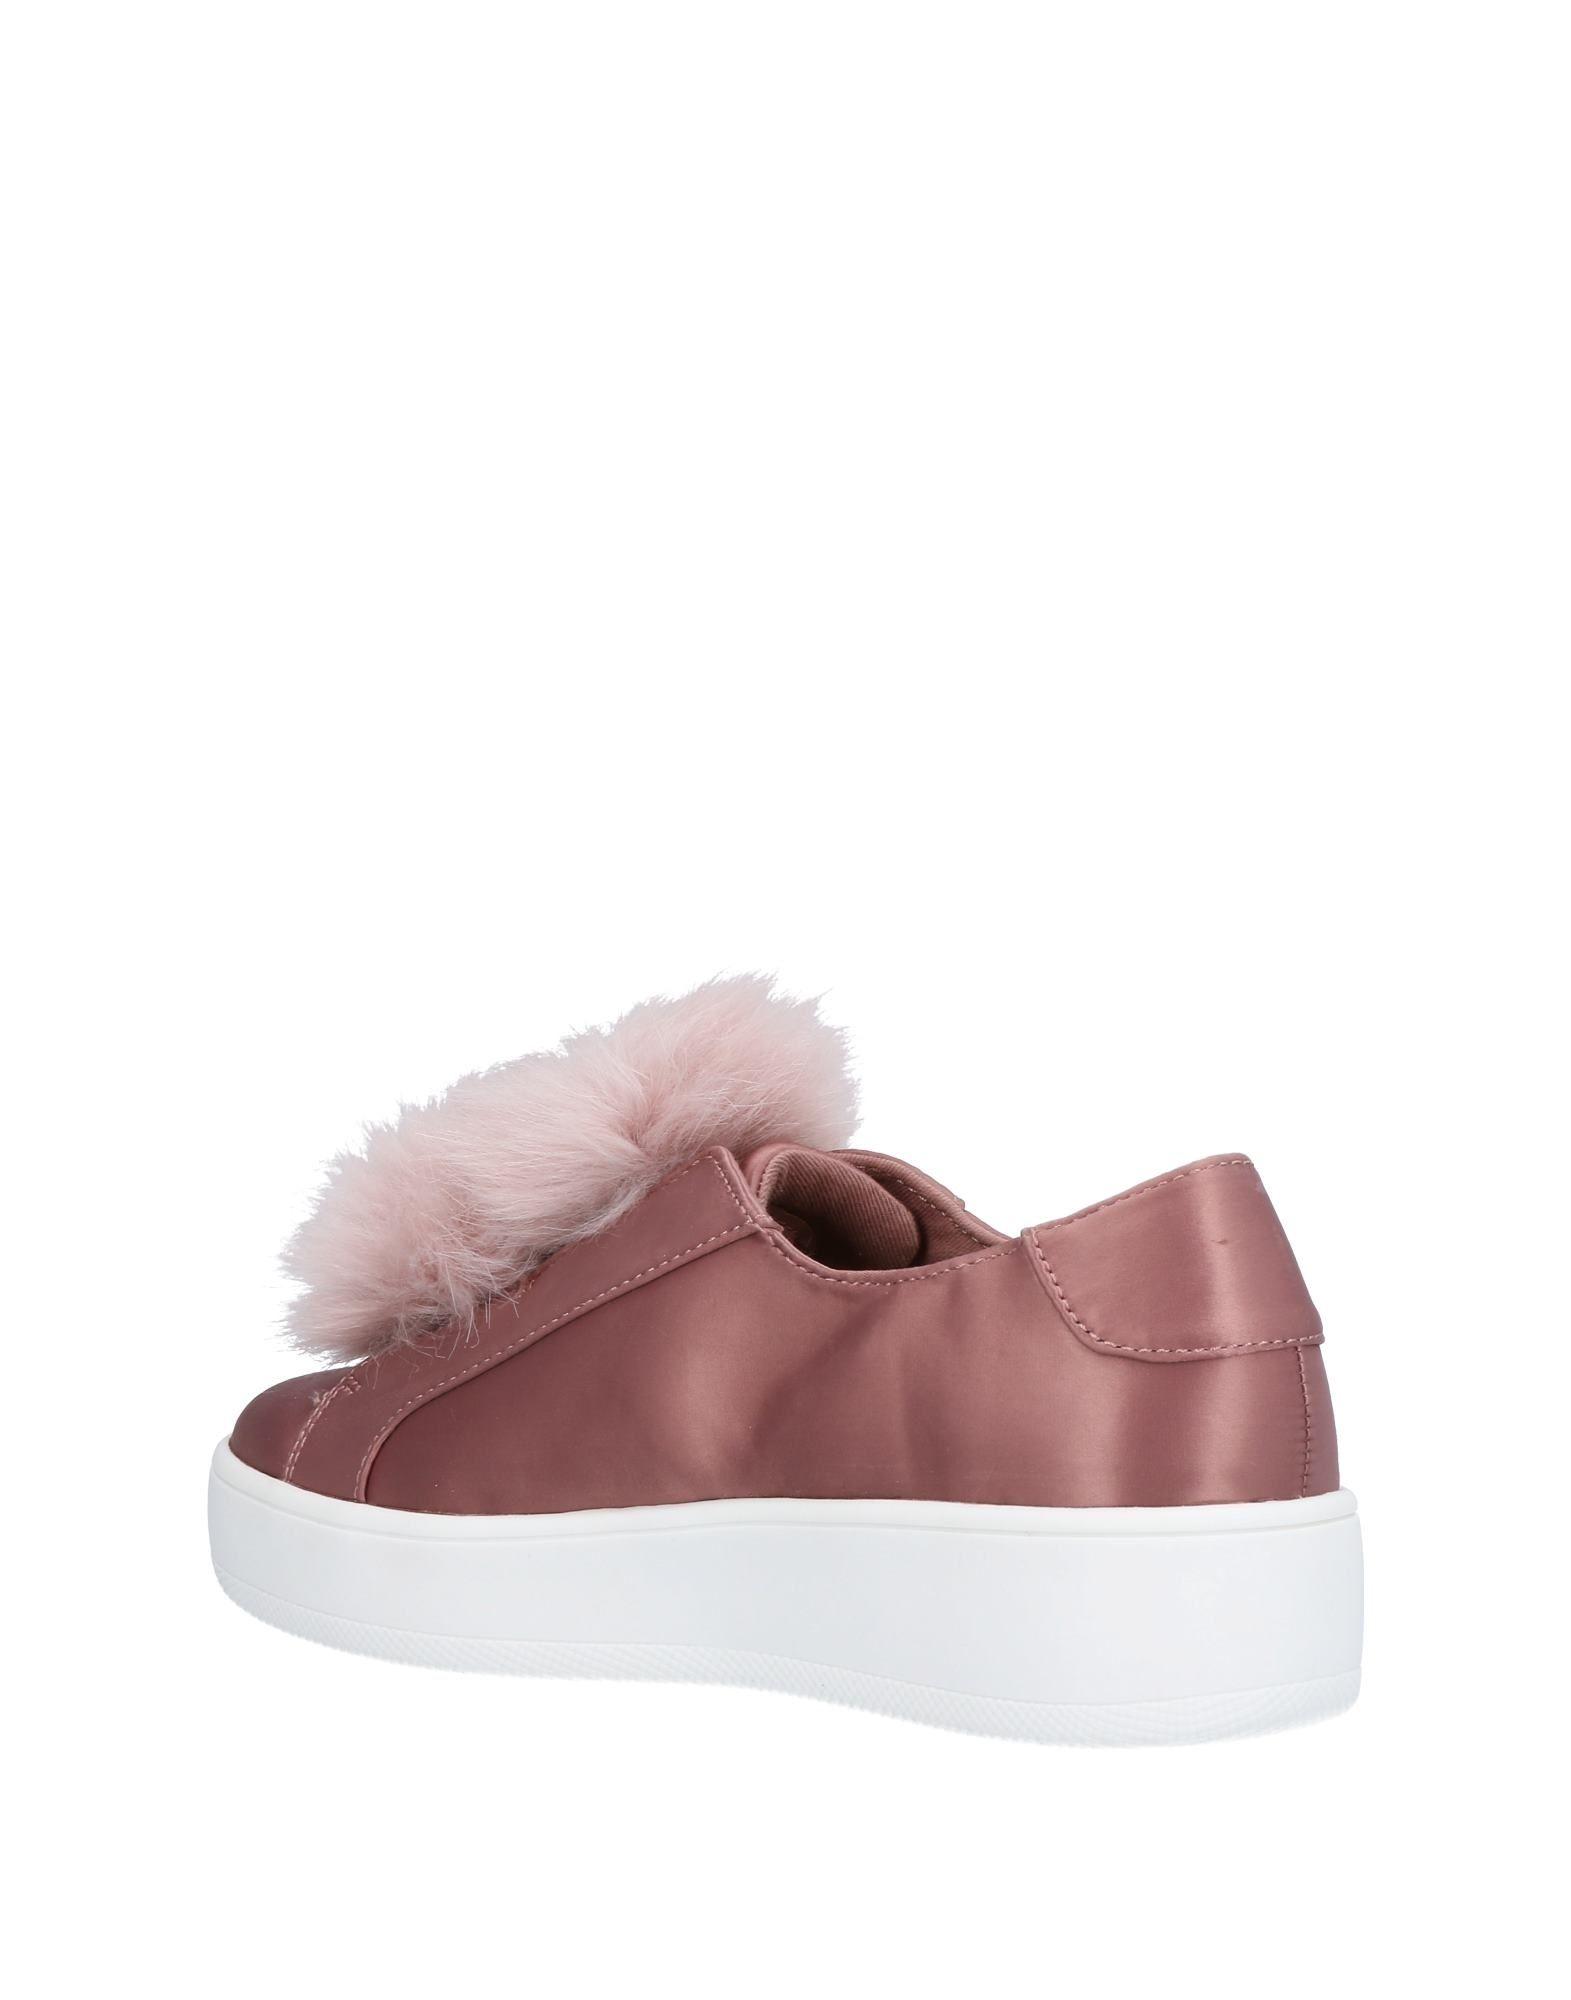 Steve Madden Sneakers Damen  11466247HI Gute Qualität beliebte Schuhe